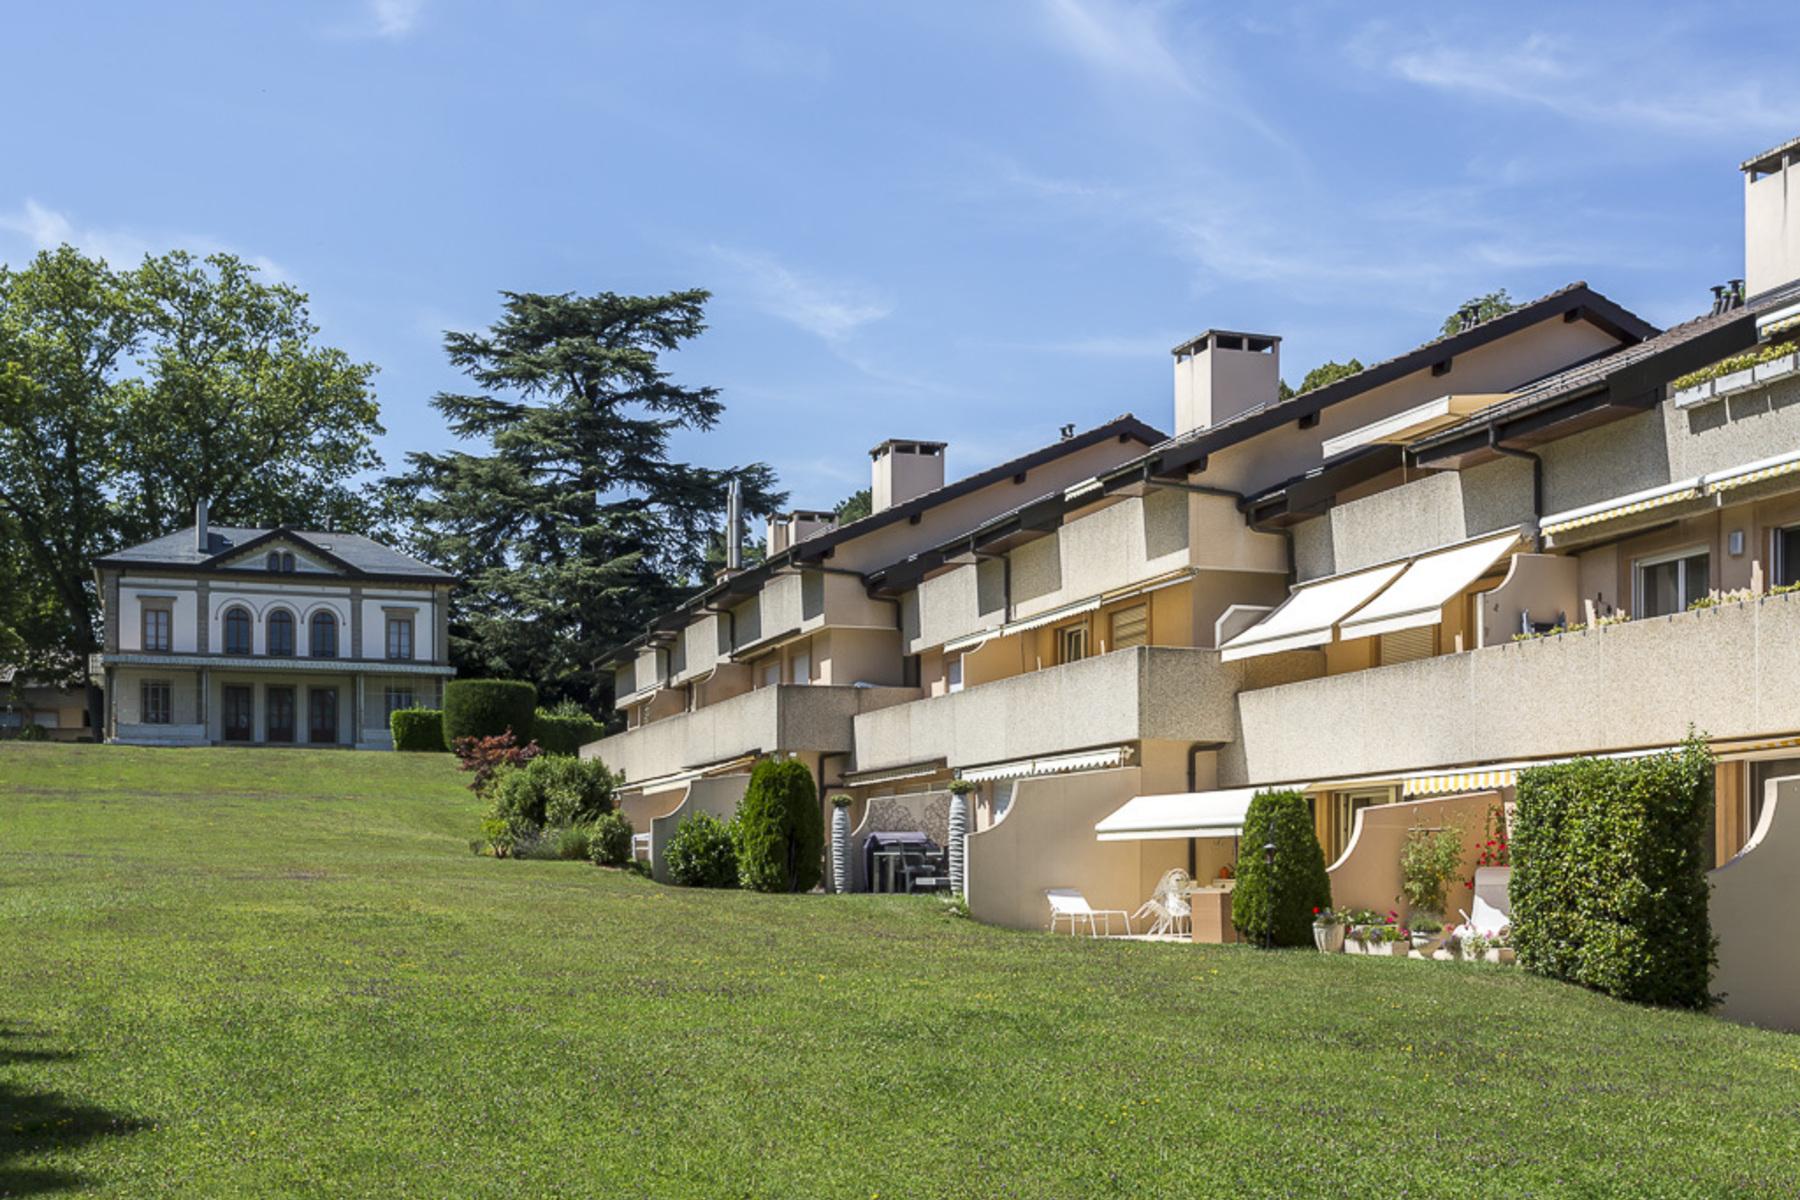 아파트 용 매매 에 Beautiful loft apartment in leafy surroundings Chêne-Bougeries Chene-Bougeries, 제네바, 1224 스위스